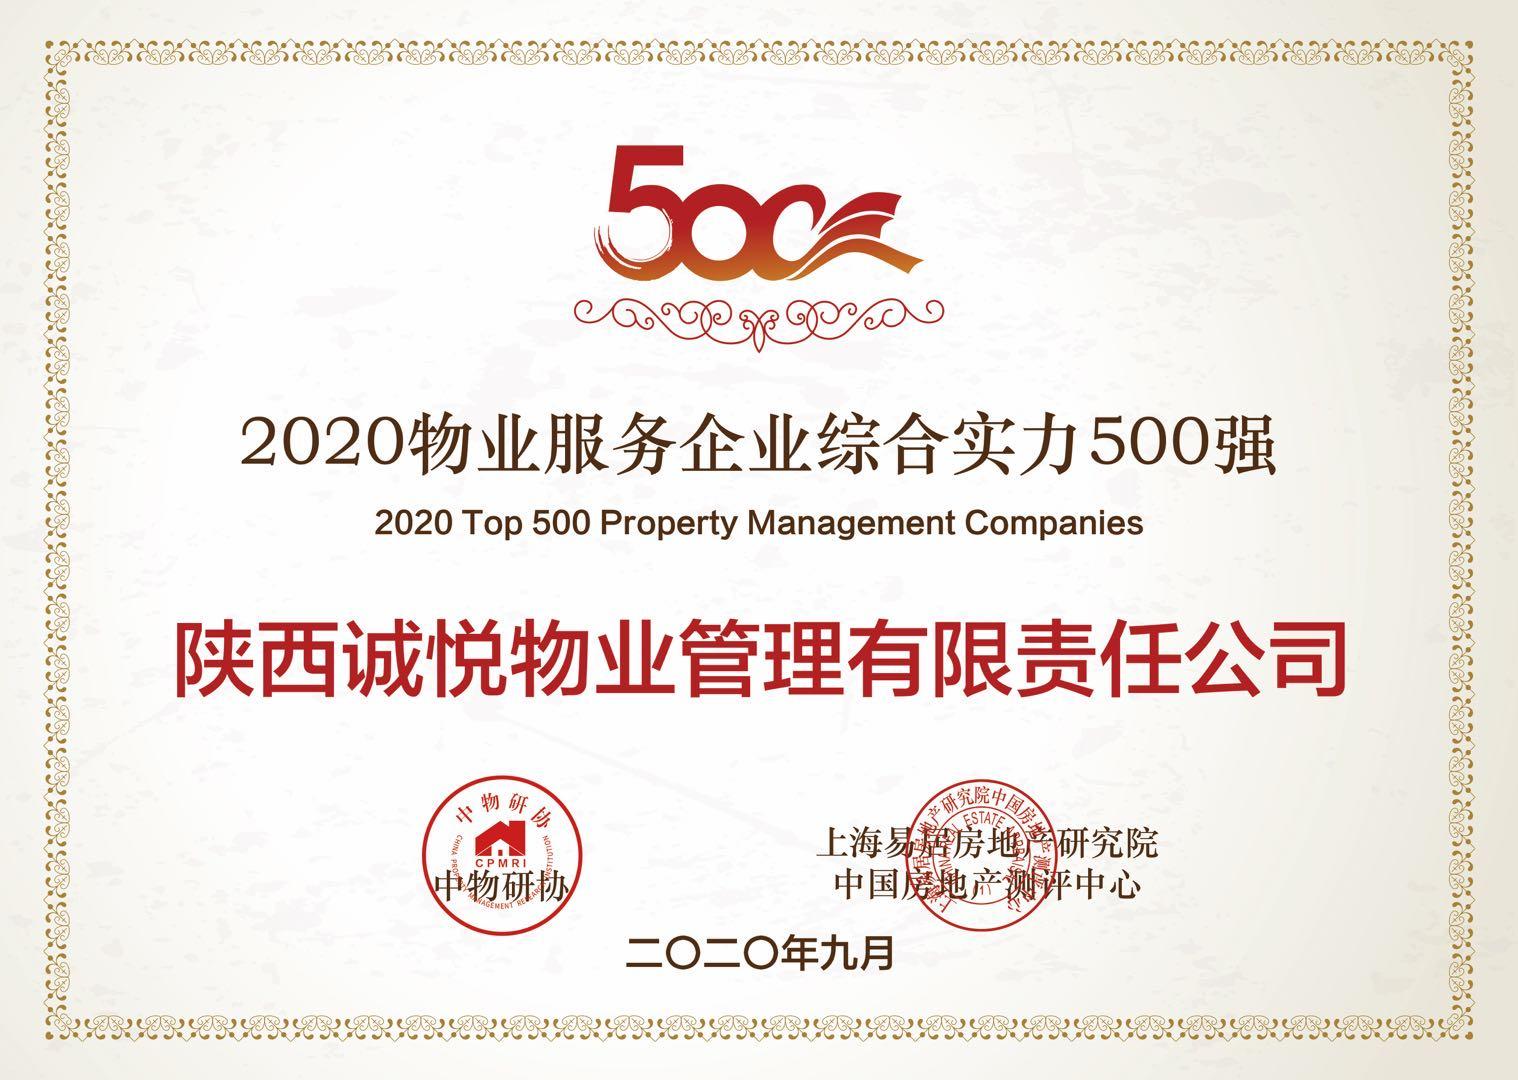 2020.9.30综合实力500强.jpg